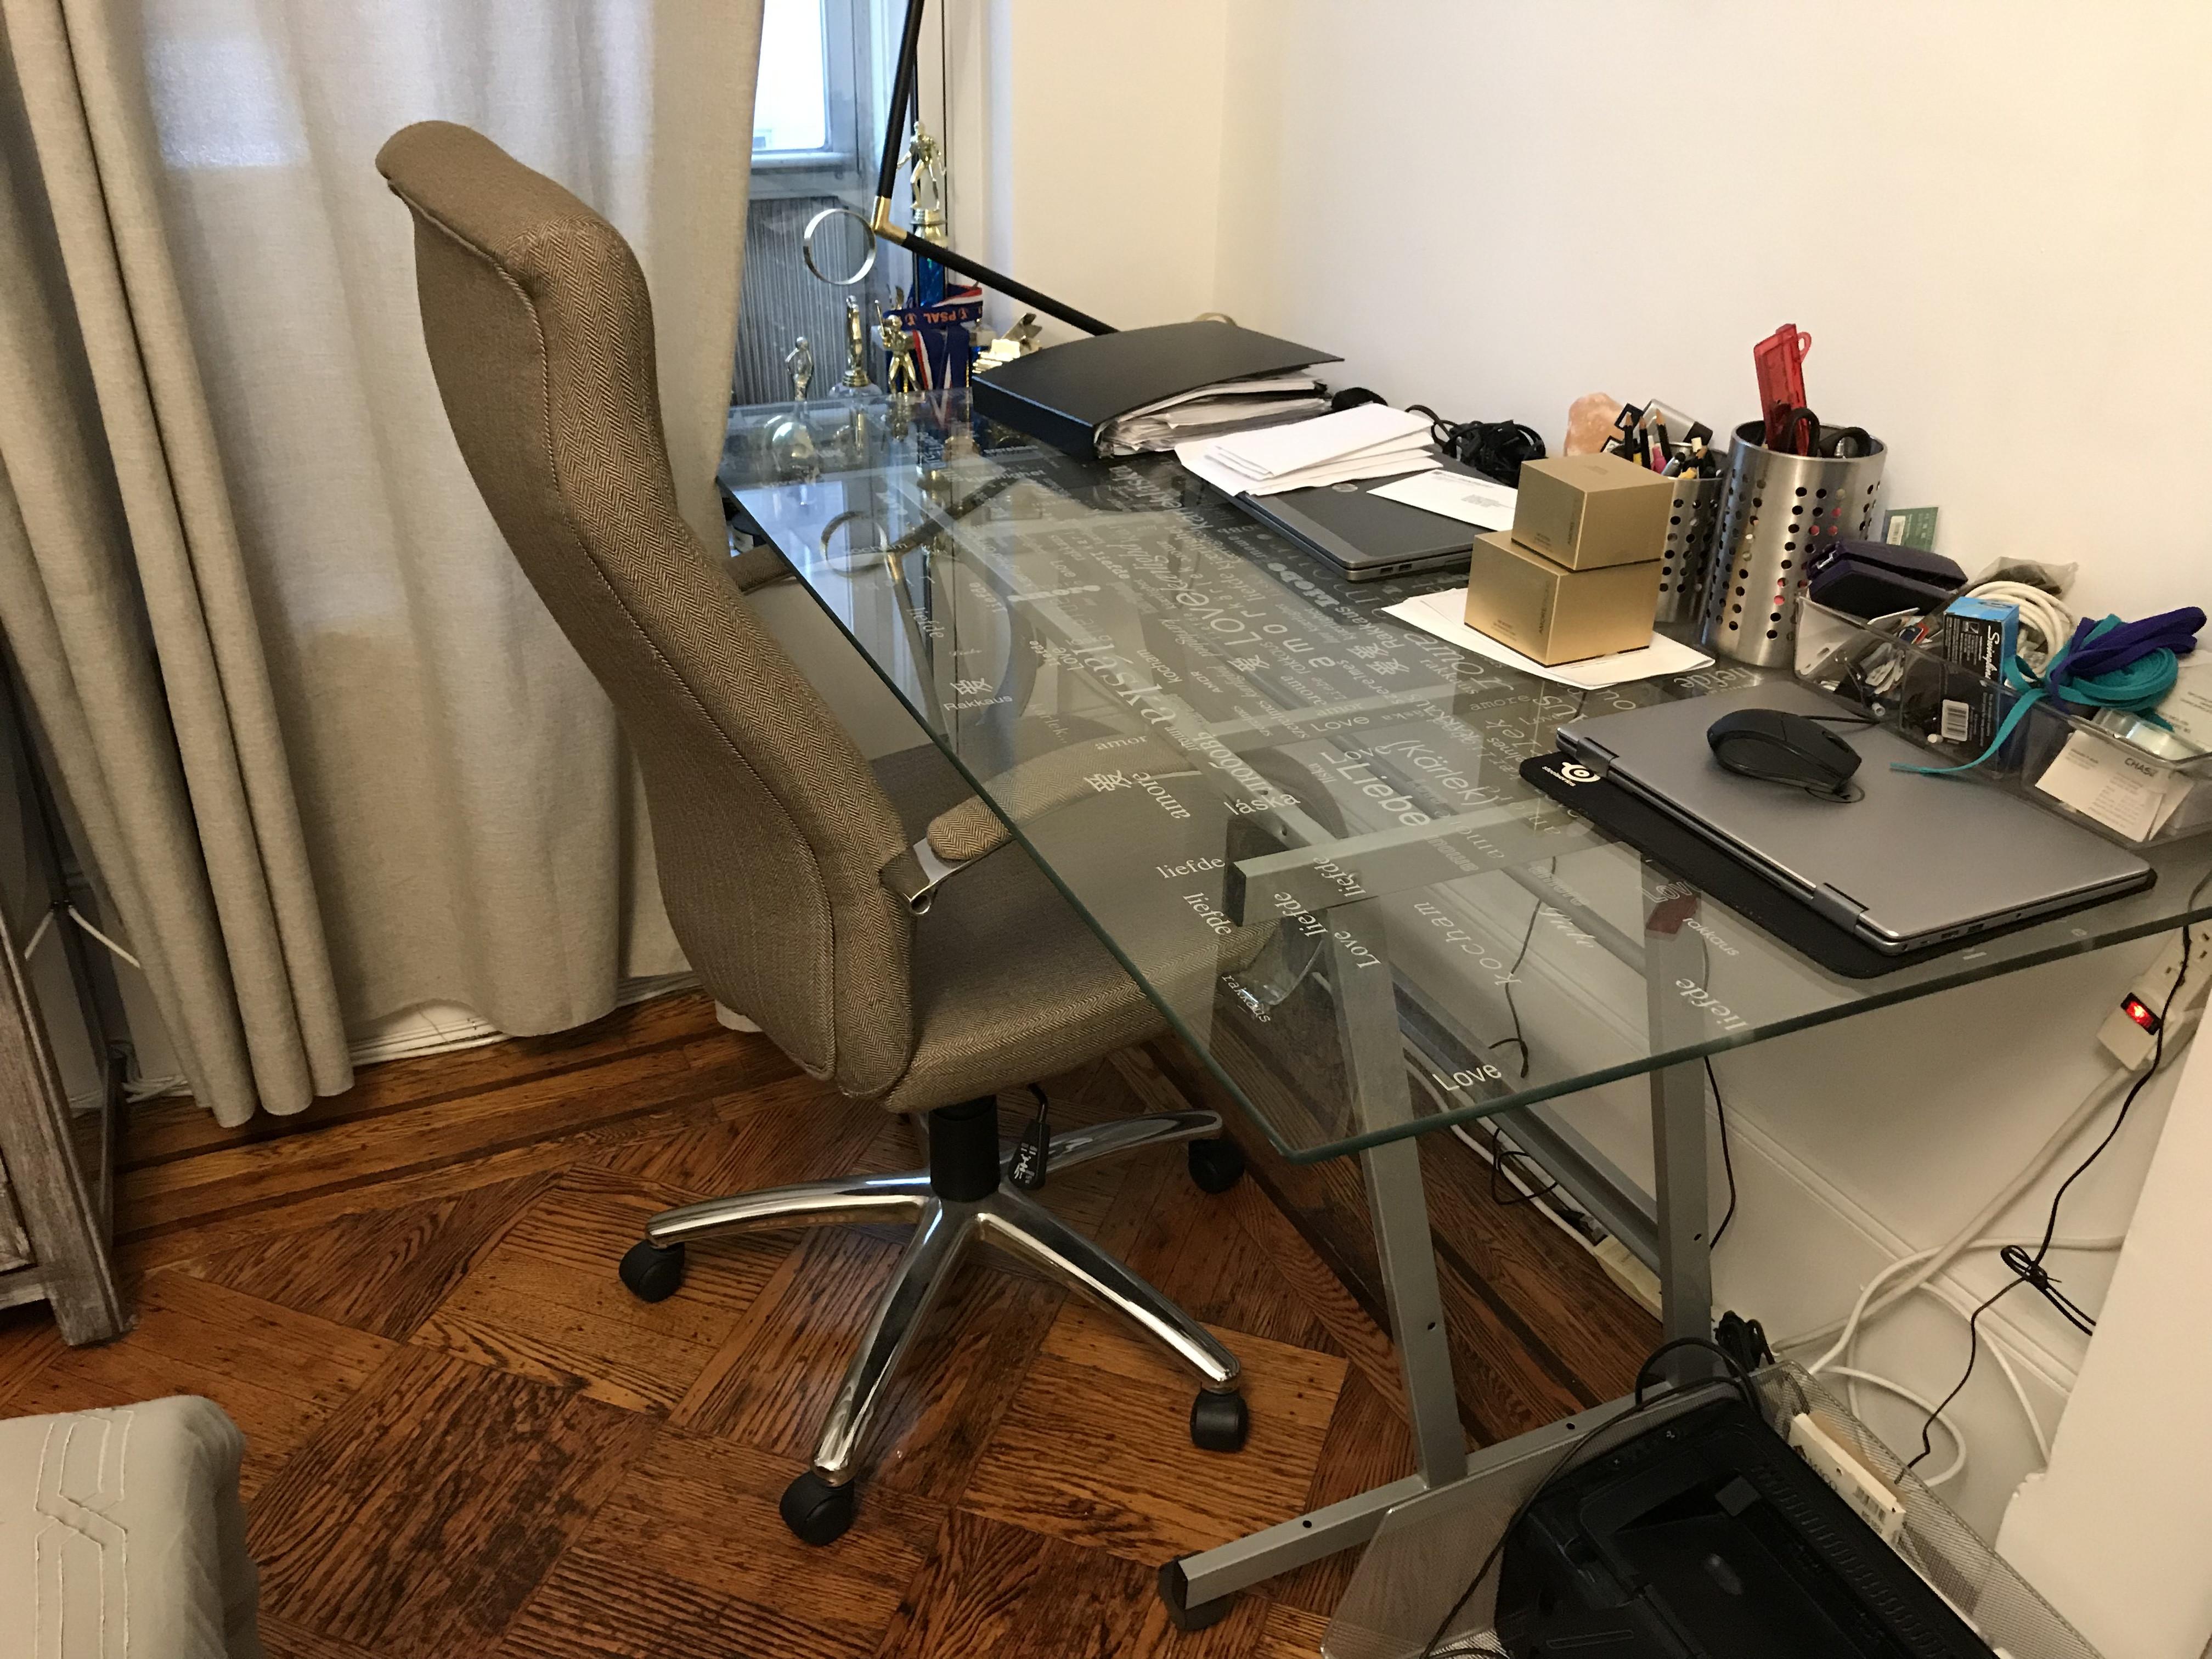 Ikea Glass Top Desk w/ Wheels